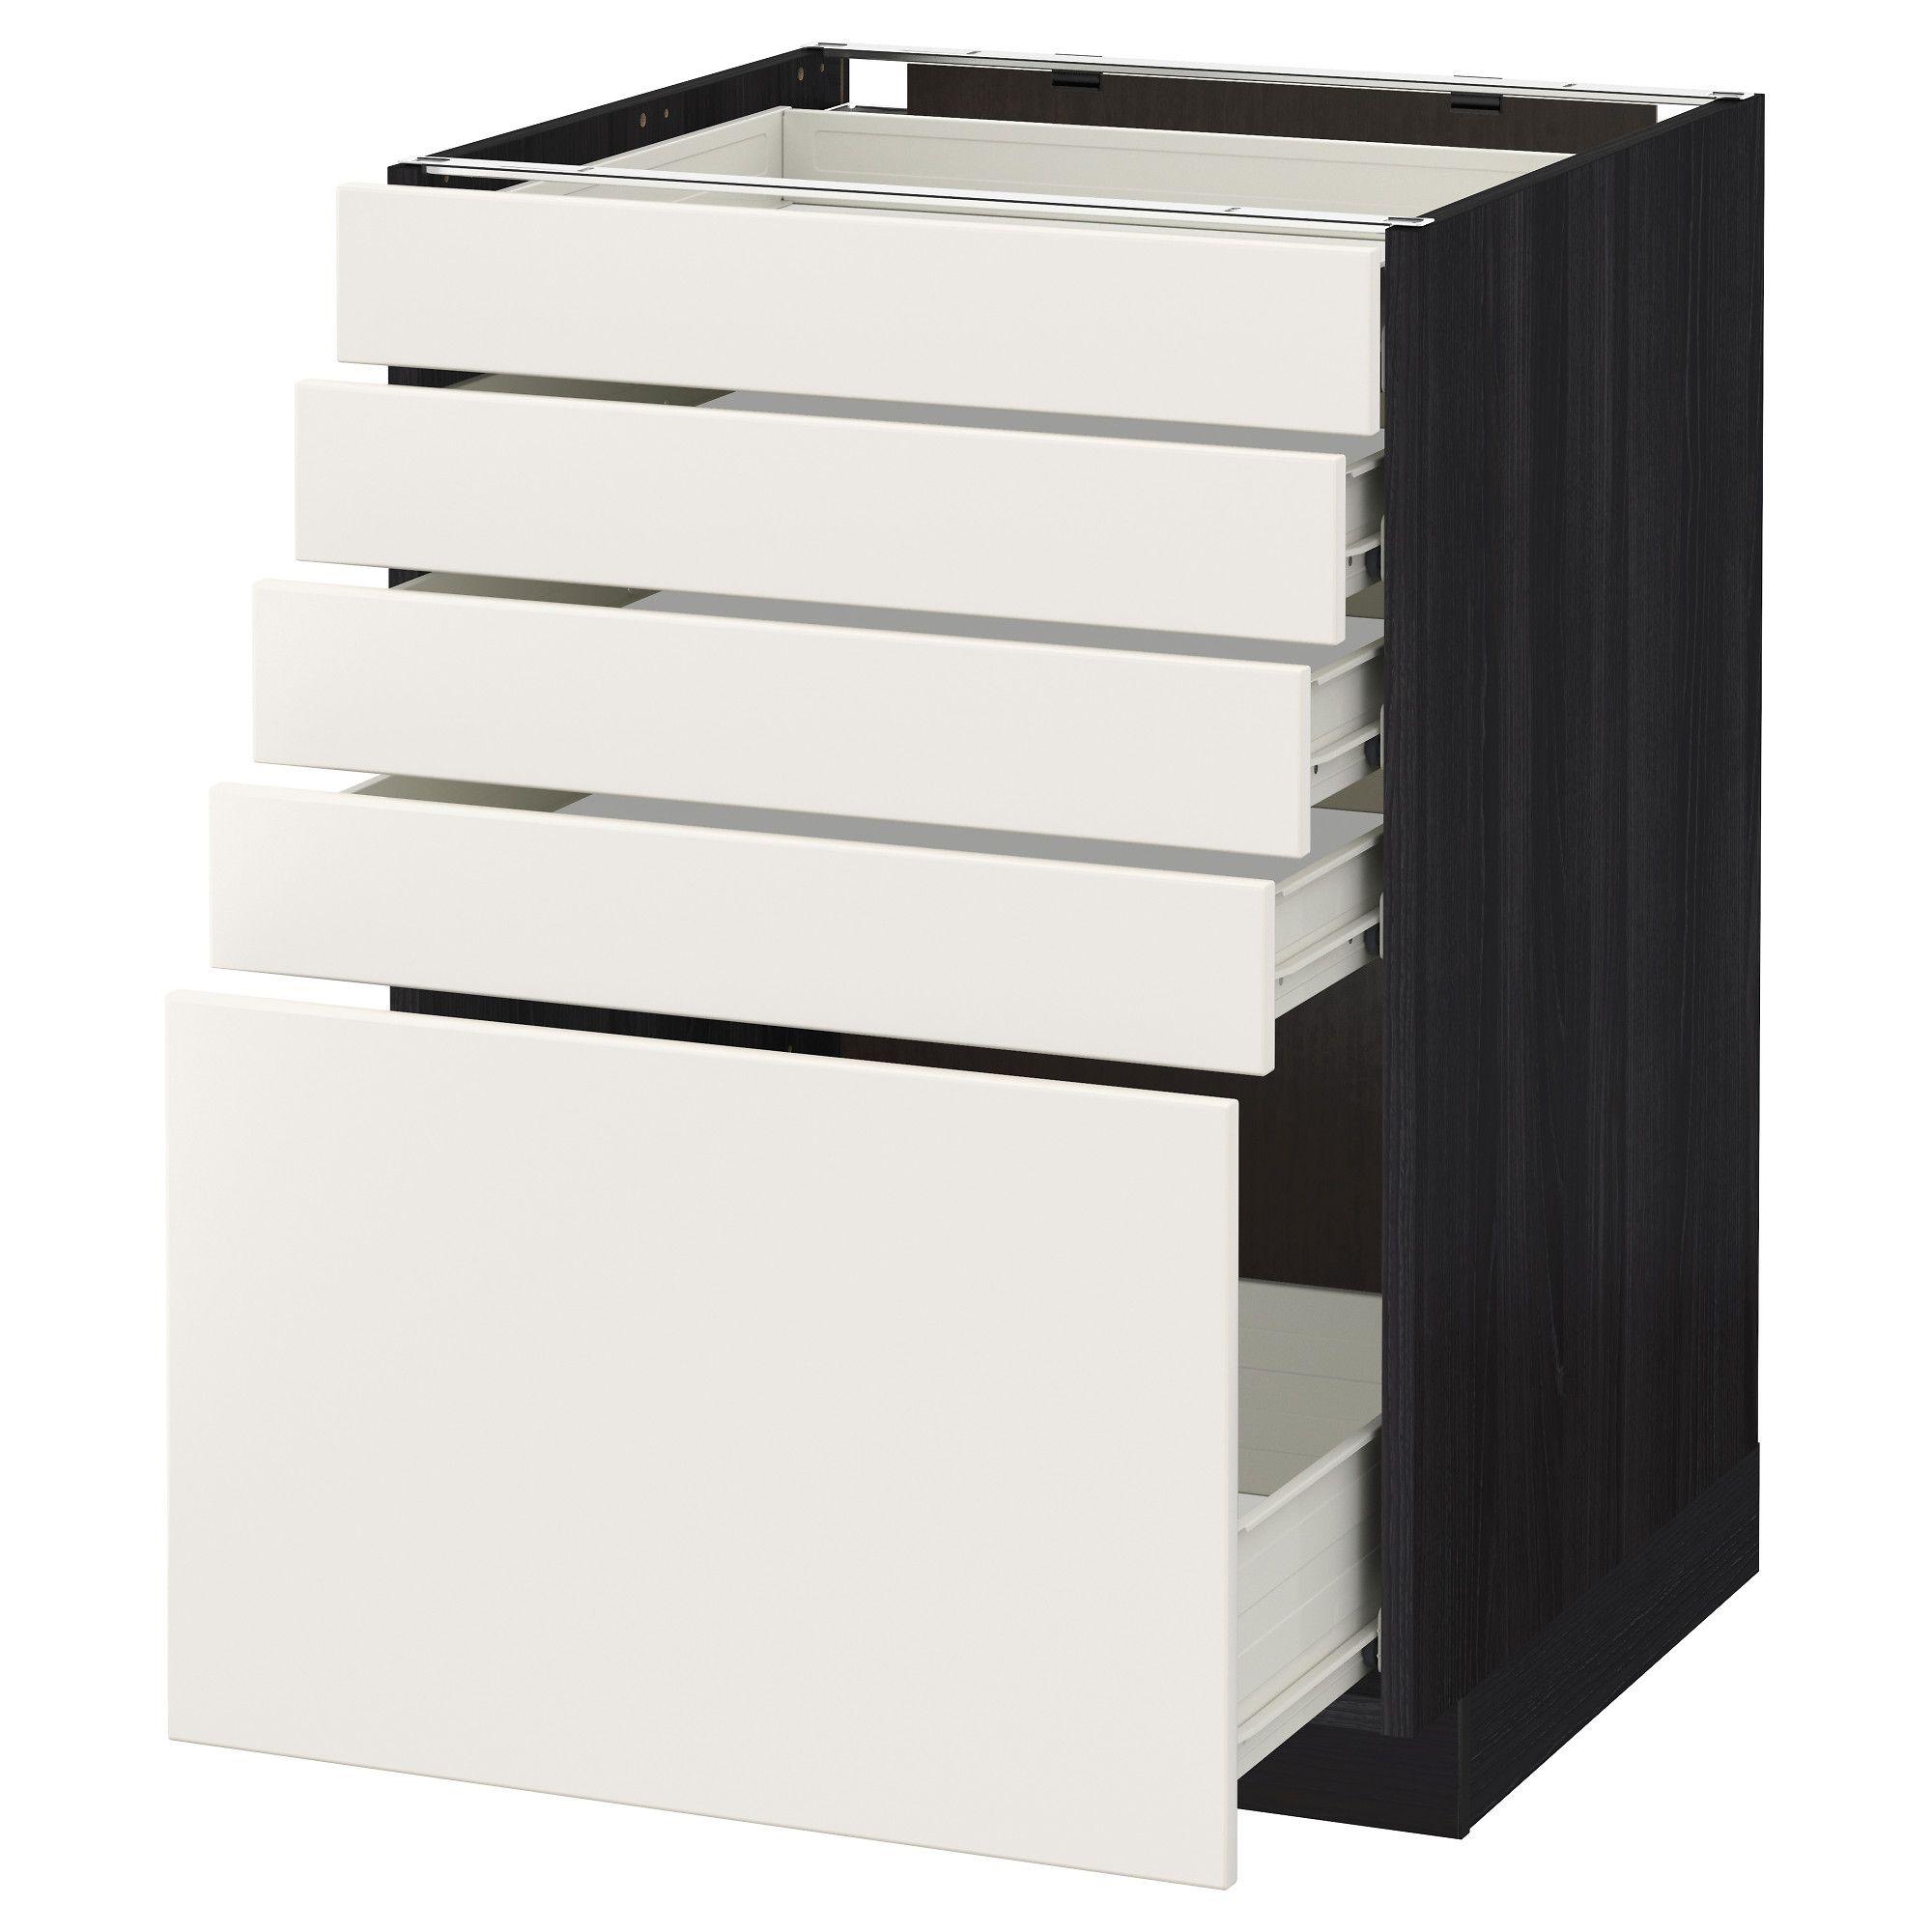 Badezimmer design weiß metod  fÖrvara unterschrank mit  schubladen schwarz weiß jetzt